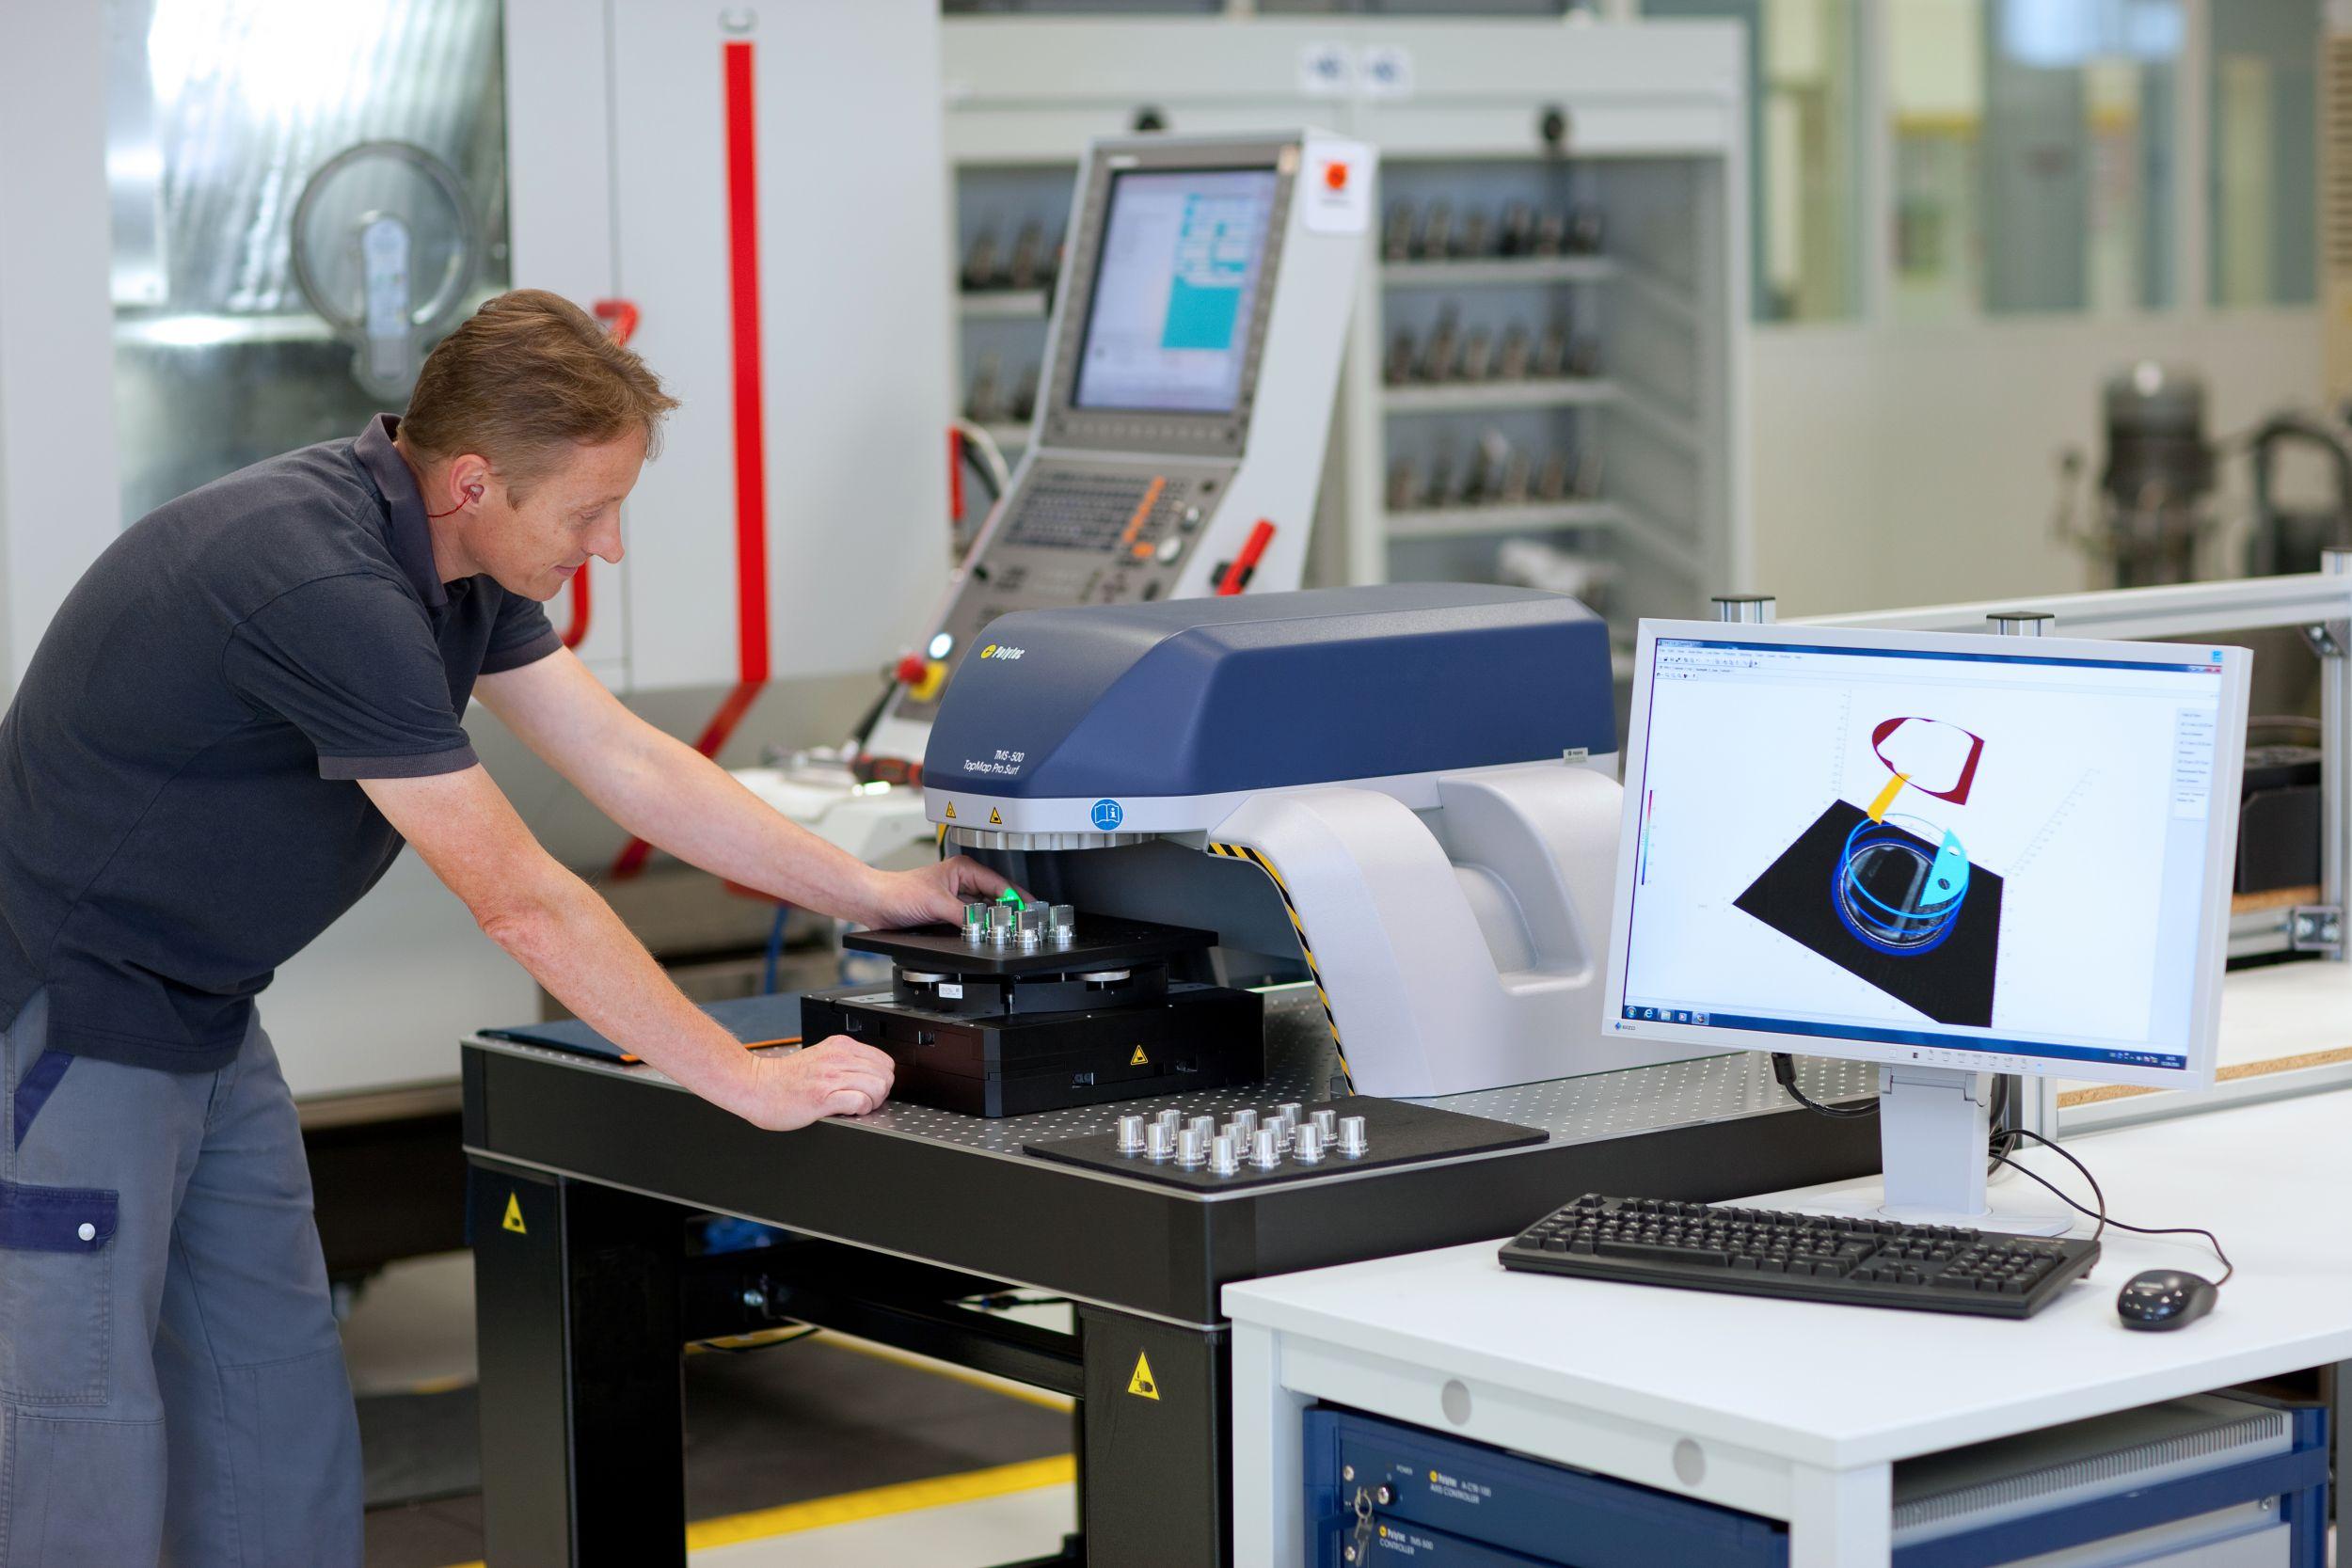 Optische Oberflächenmesstechnik dient der zuverlässigen Unterscheidung zwischen IO/NIO-Bauteilen. Um die verschiedenen Geräte- und Verfahrensspezifikationen miteinander vergleichen zu können, hilft die Initiative ´Faires Datenblatt´. (Bild: Polytec GmbH)